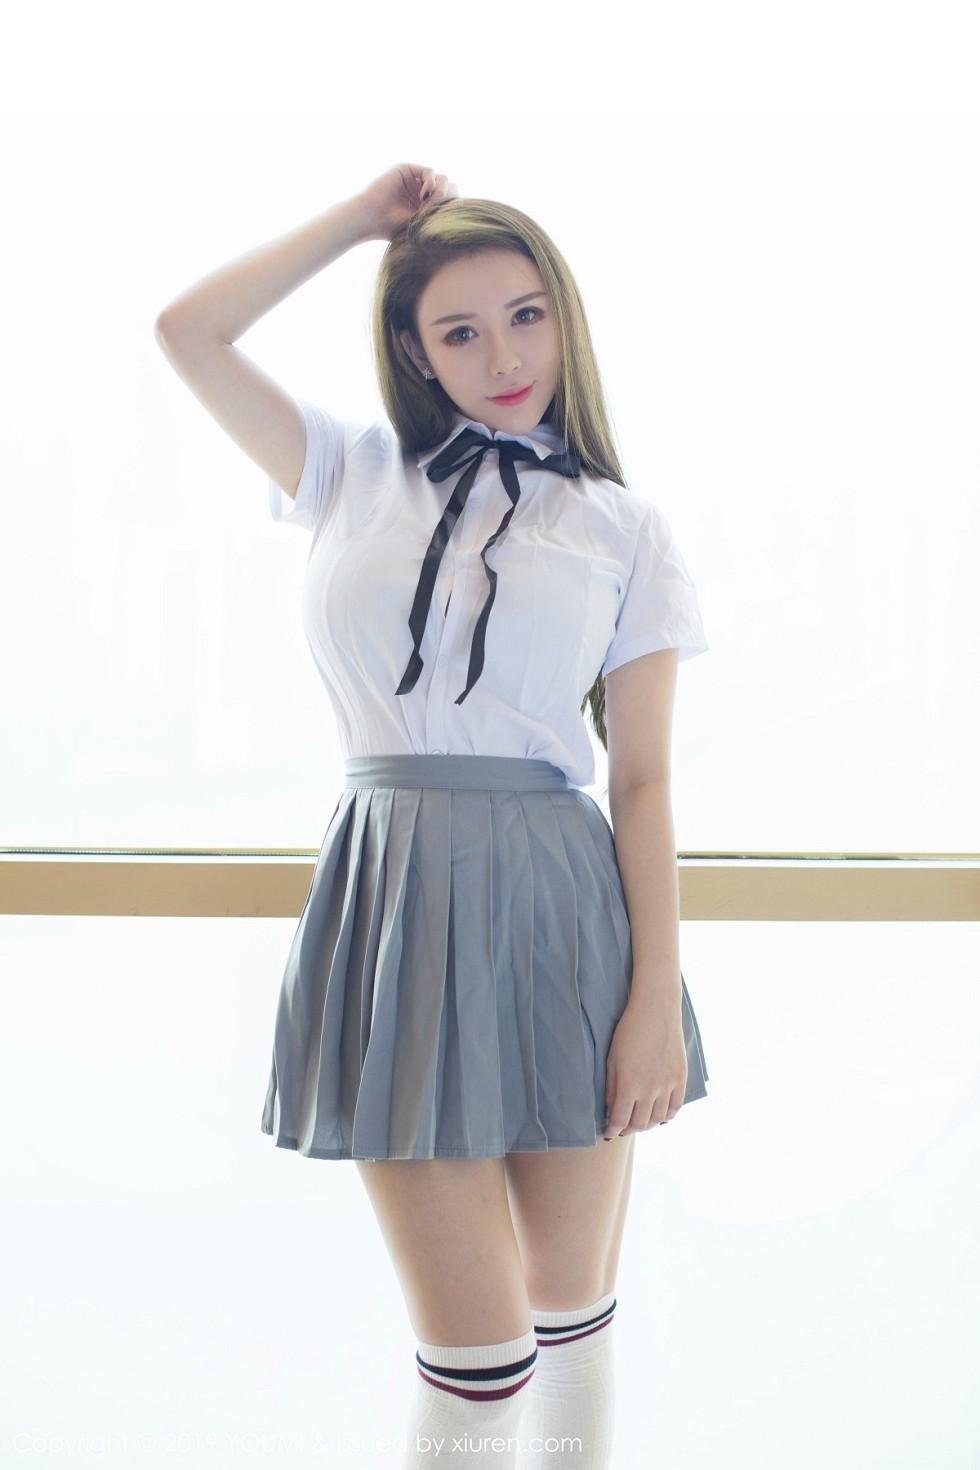 女神Egg_尤妮丝清纯学生装上演SM情趣露翘臀惹火诱惑无圣光写真42P